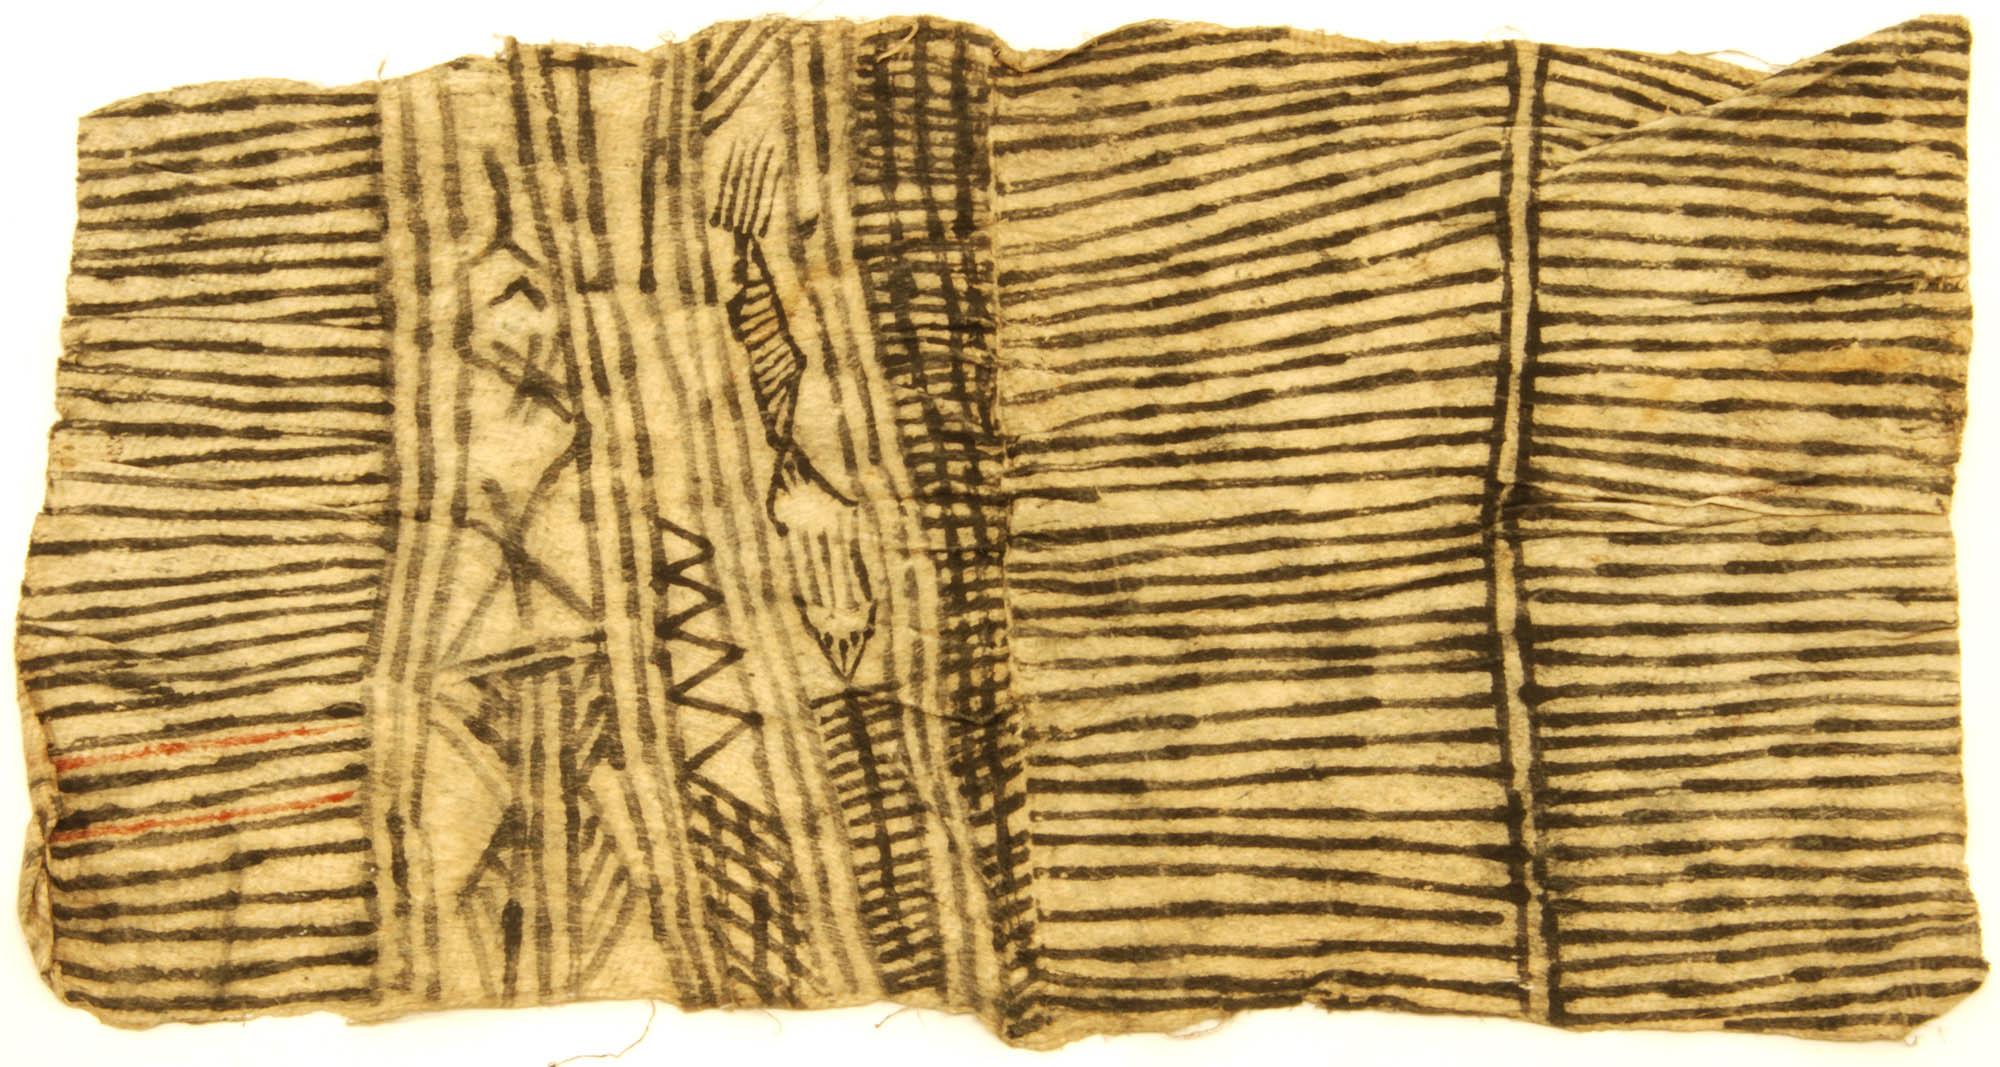 Bark Cloth (Tapa)